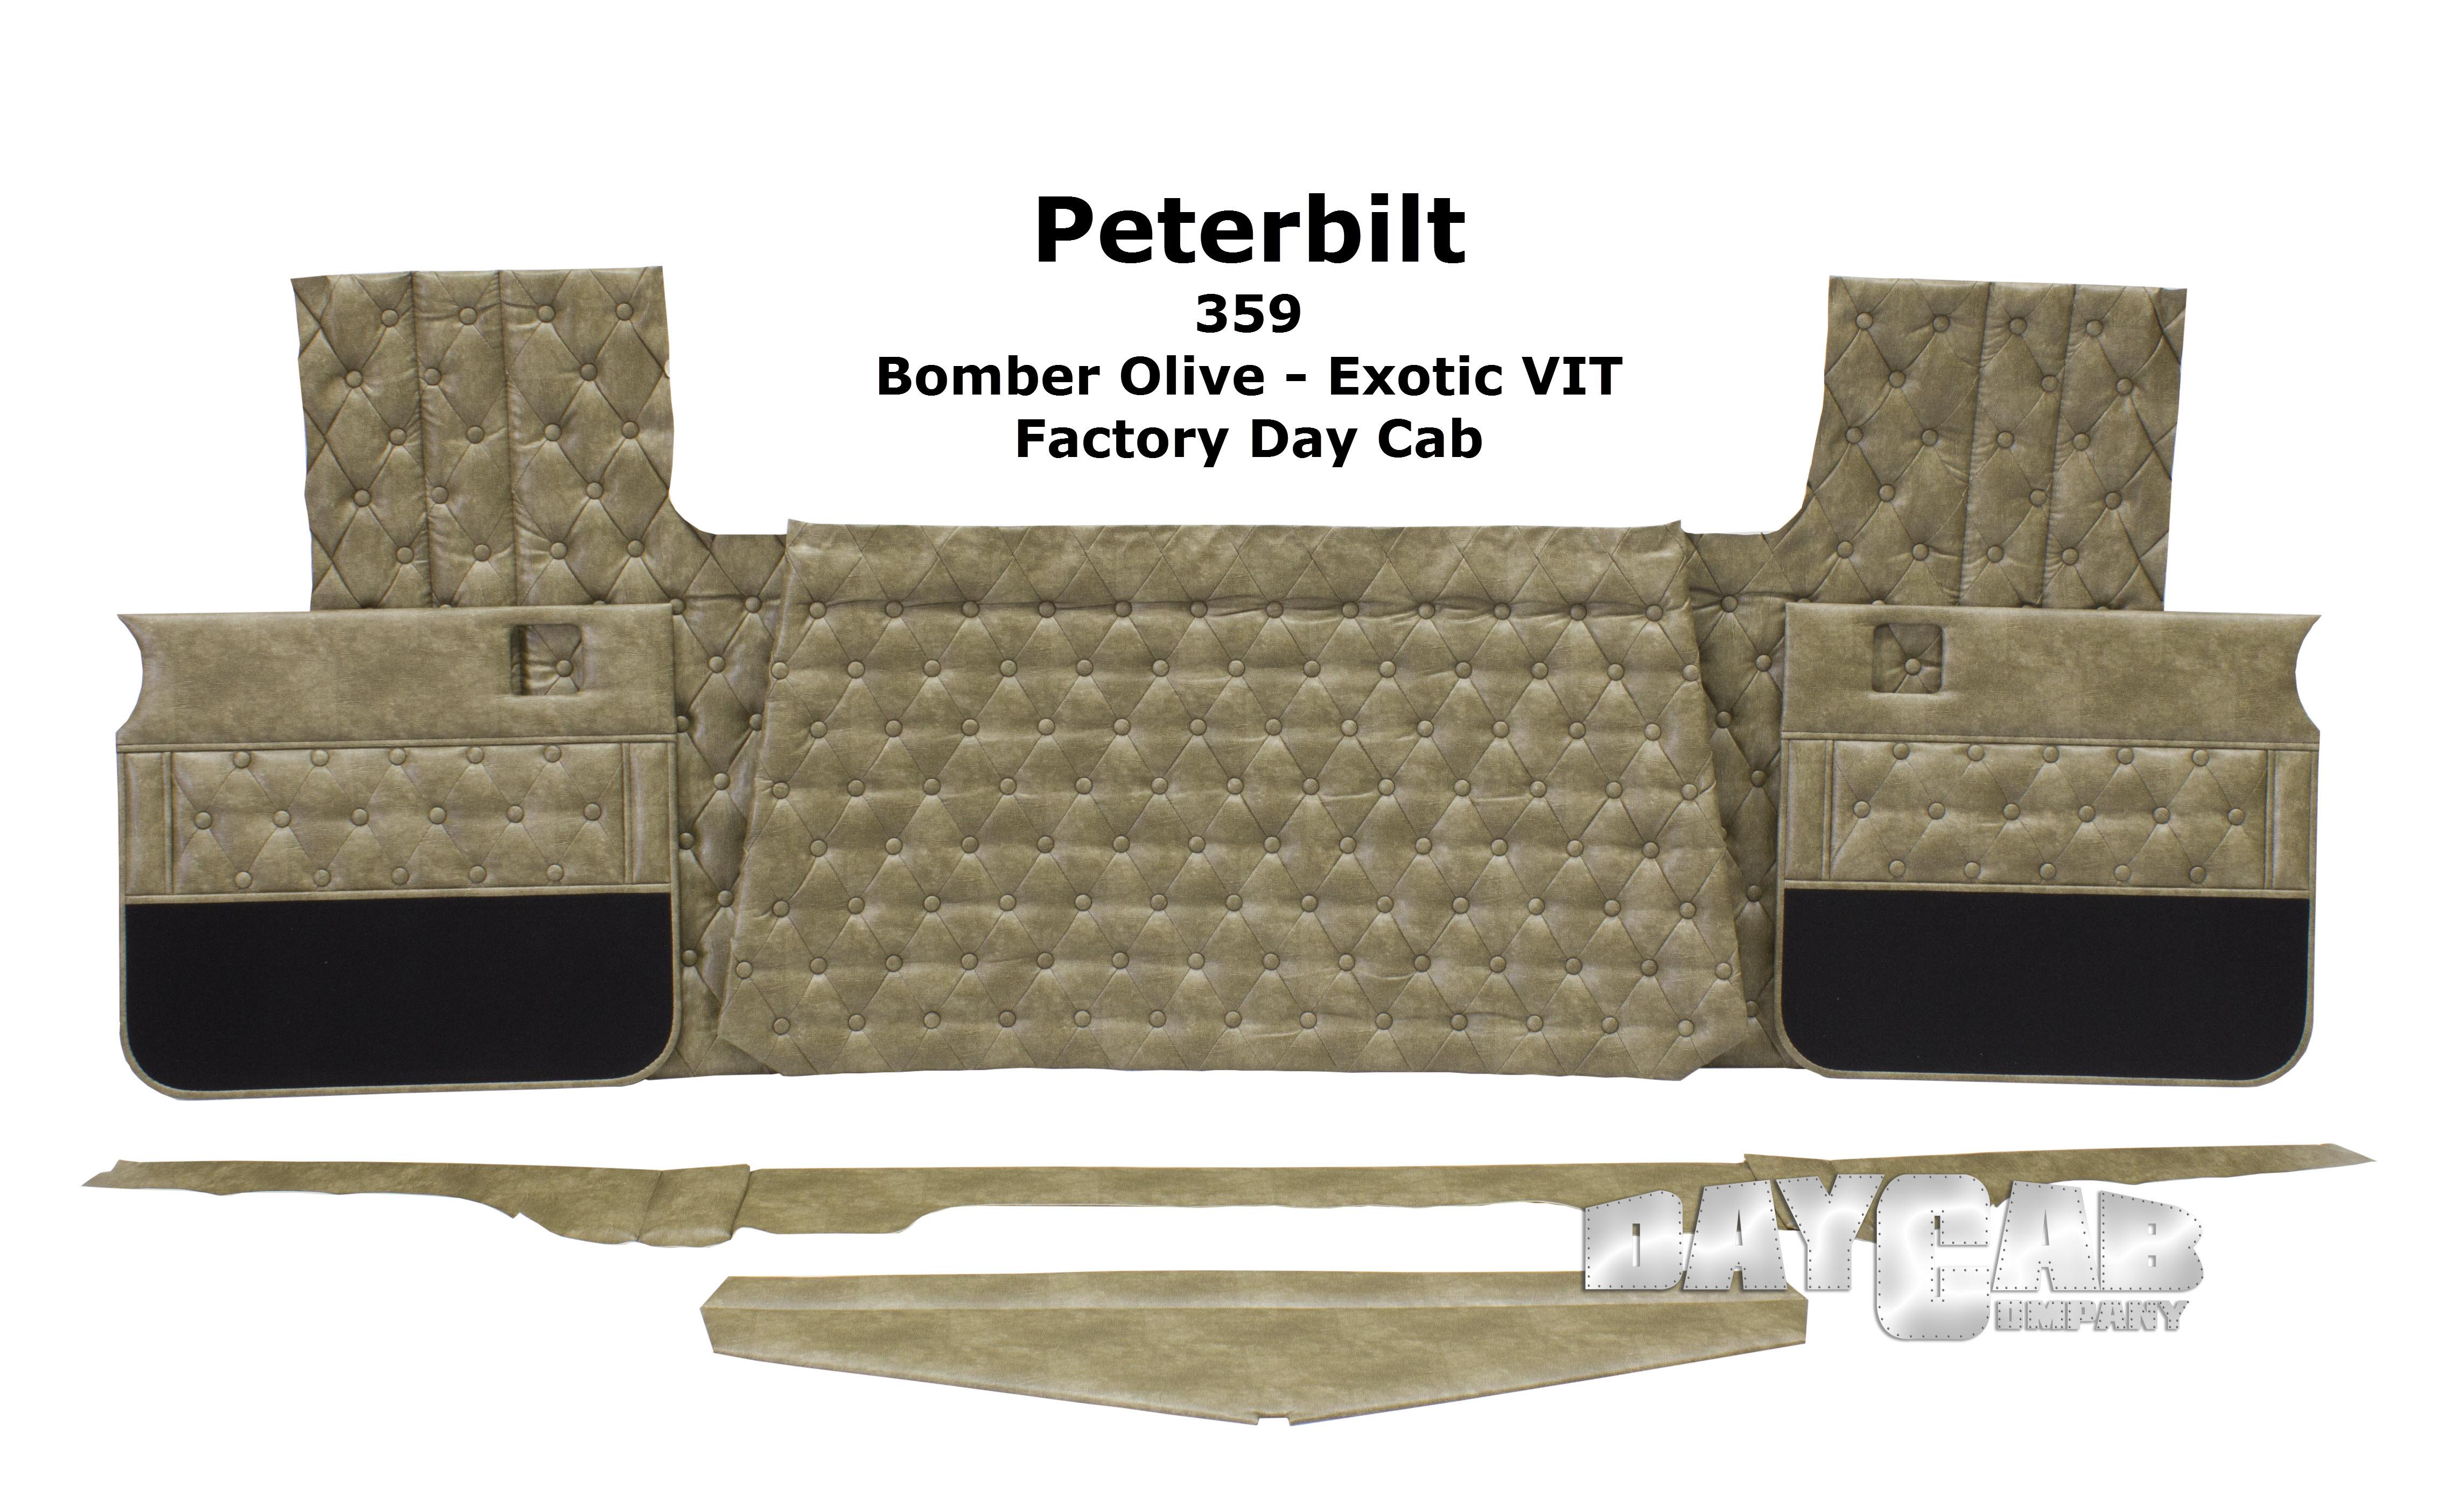 Peterbilt 359 Day Cab Bomber Olive VIT